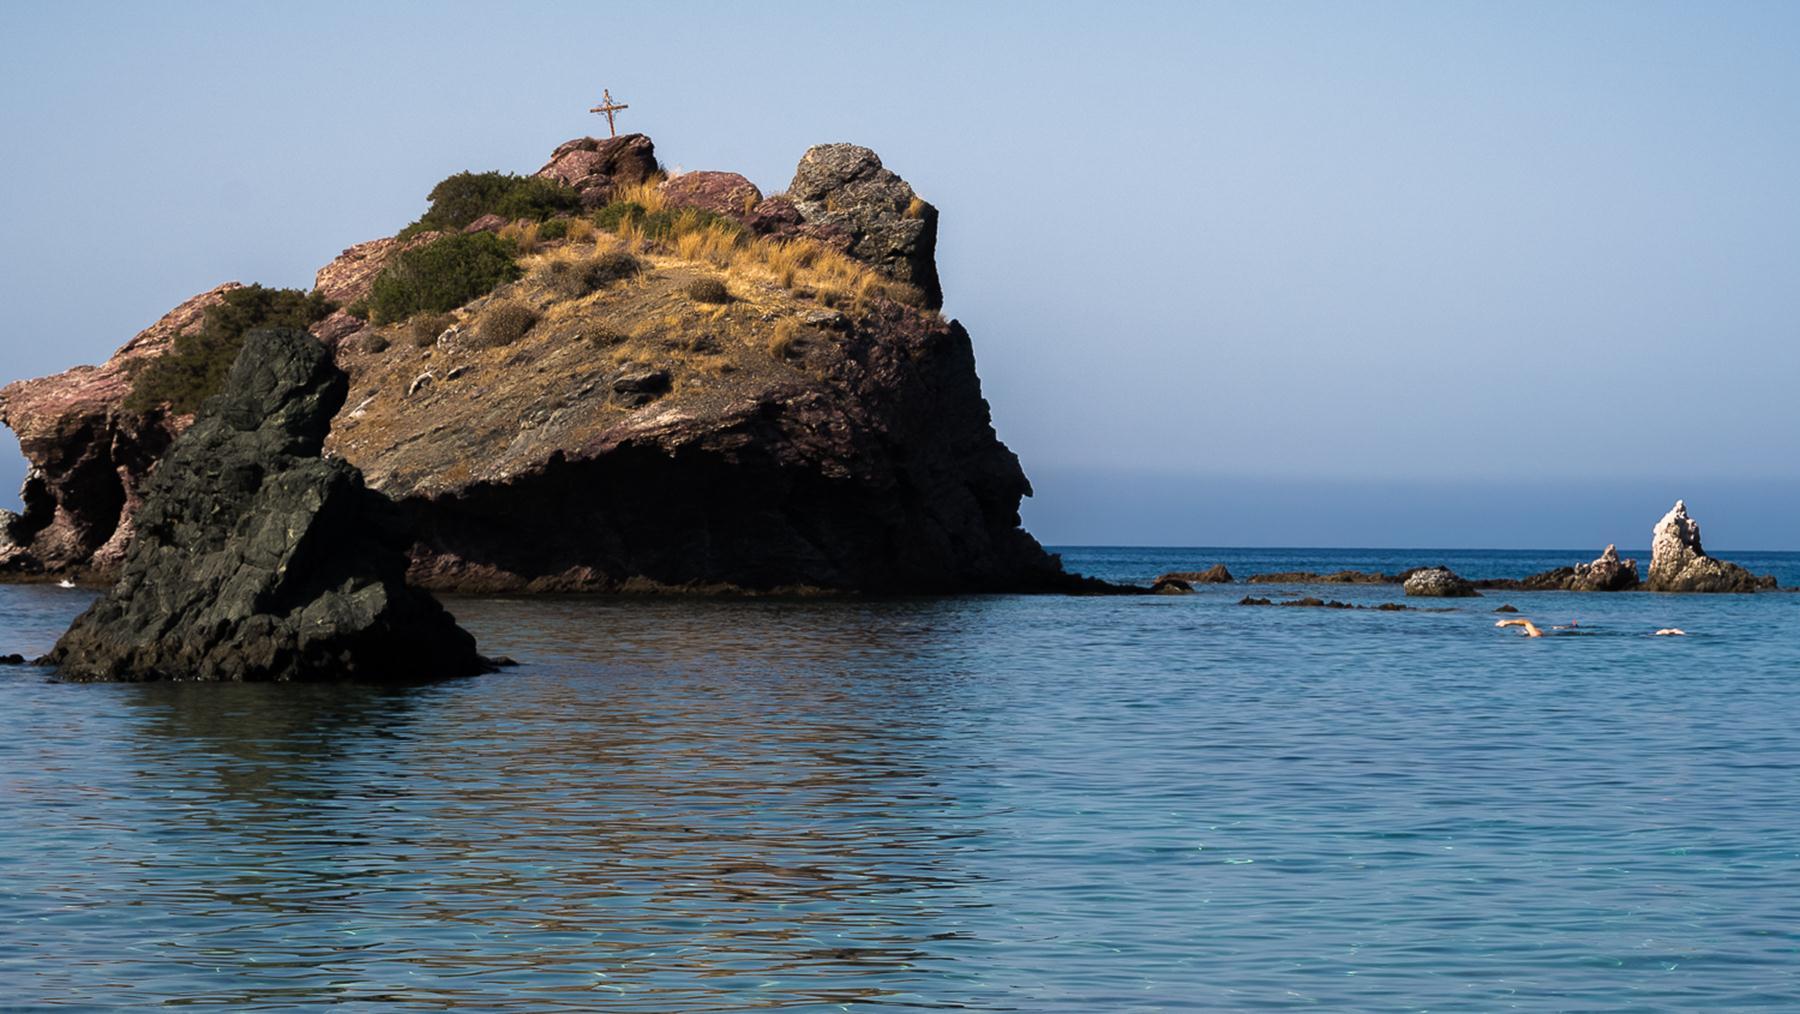 Опасное место для ныряния в воды Акамаса